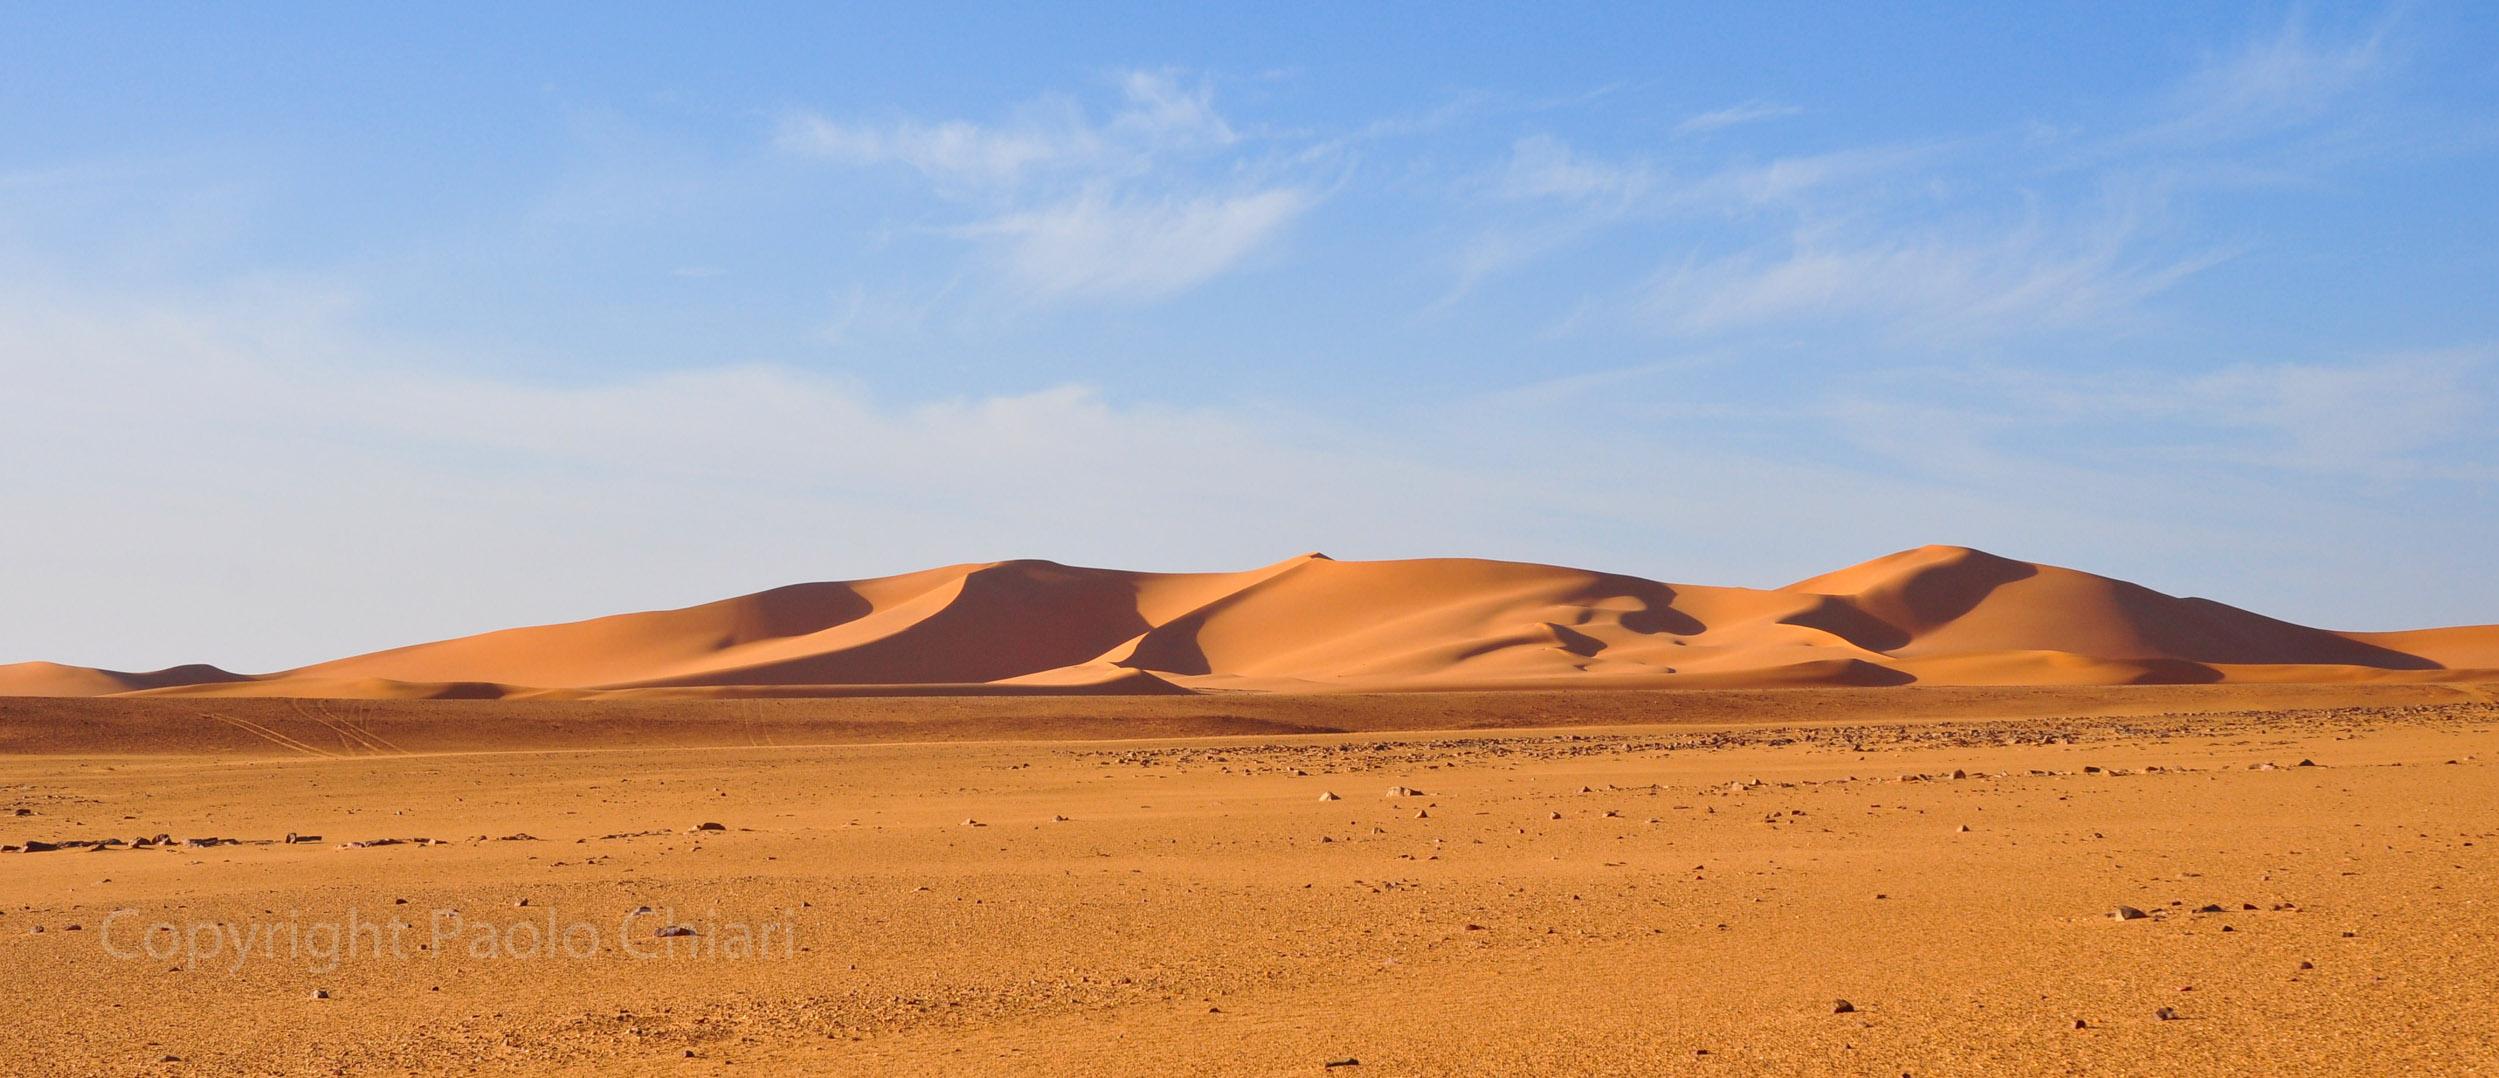 libia2010a_1411